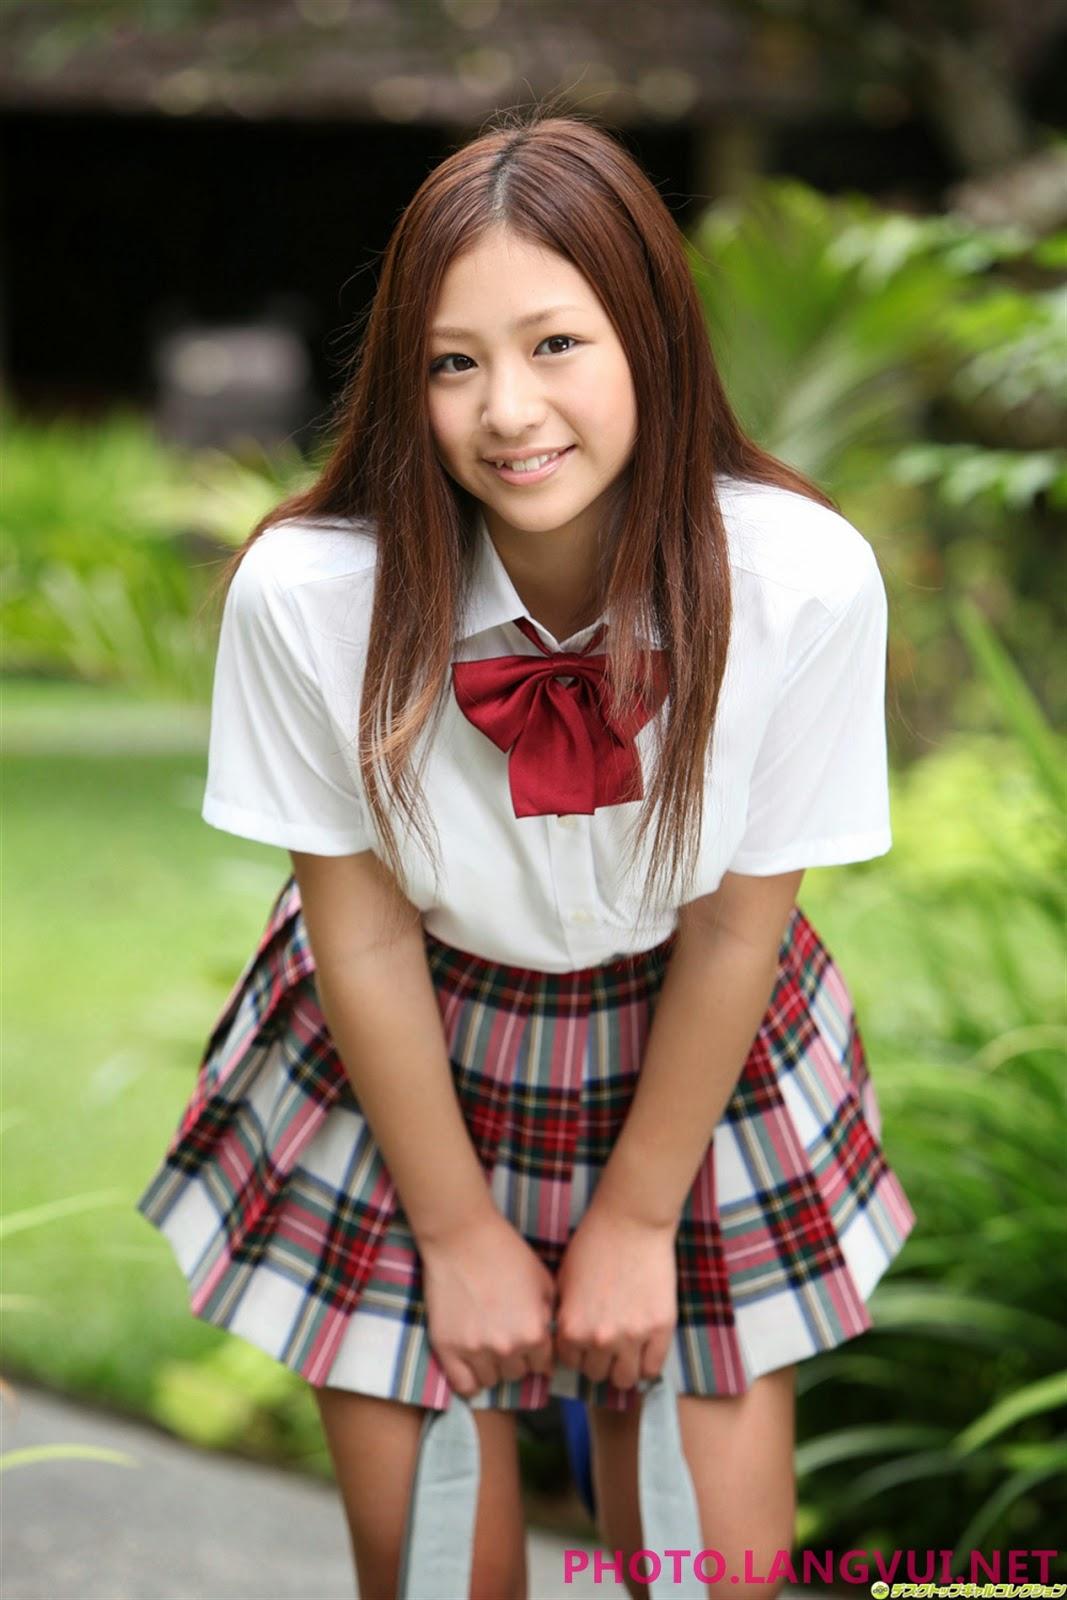 Schoolgirls nonude, asian point of viewtures